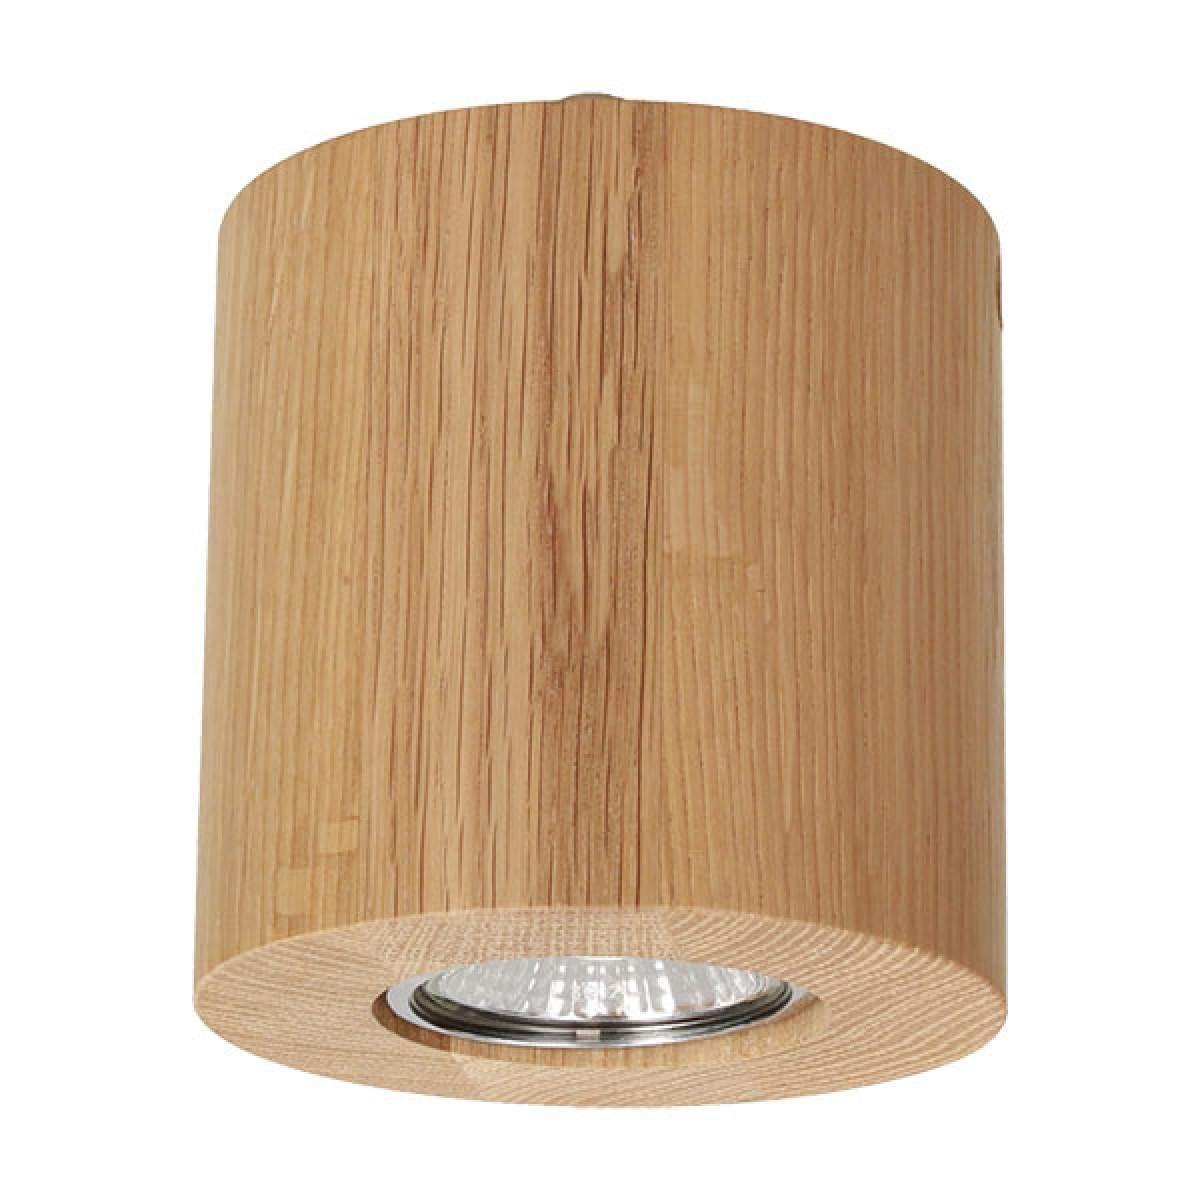 Full Size of Deckenleuchte Skandinavisch Skandinavische Wooddream Von Spot Light Braun Led Schlafzimmer Modern Moderne Wohnzimmer Küche Bad Deckenleuchten Esstisch Bett Wohnzimmer Deckenleuchte Skandinavisch